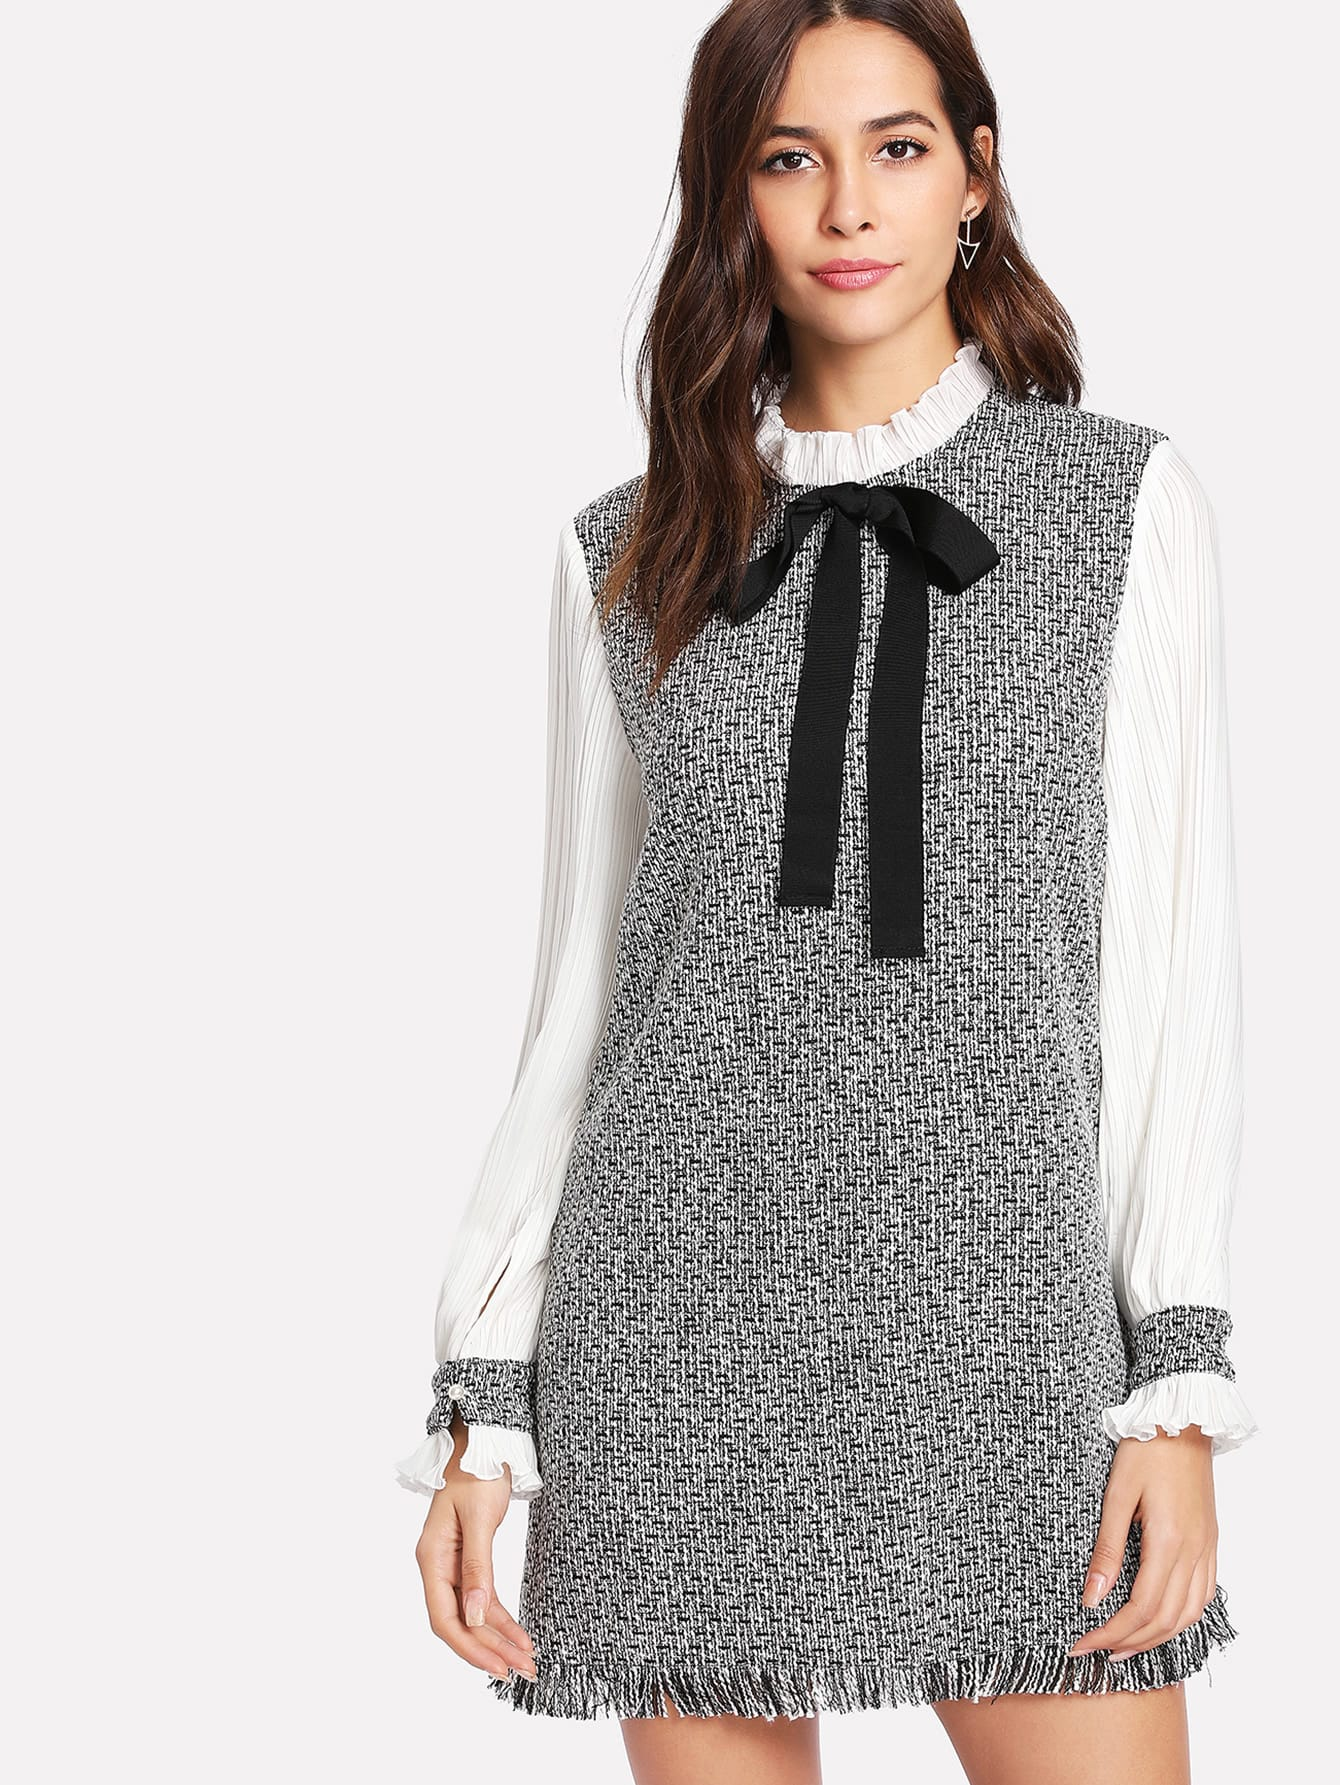 Contrast Pleated Sleeve Frayed Hem Tweed Dress rhinestone detail frayed edge tweed skirt